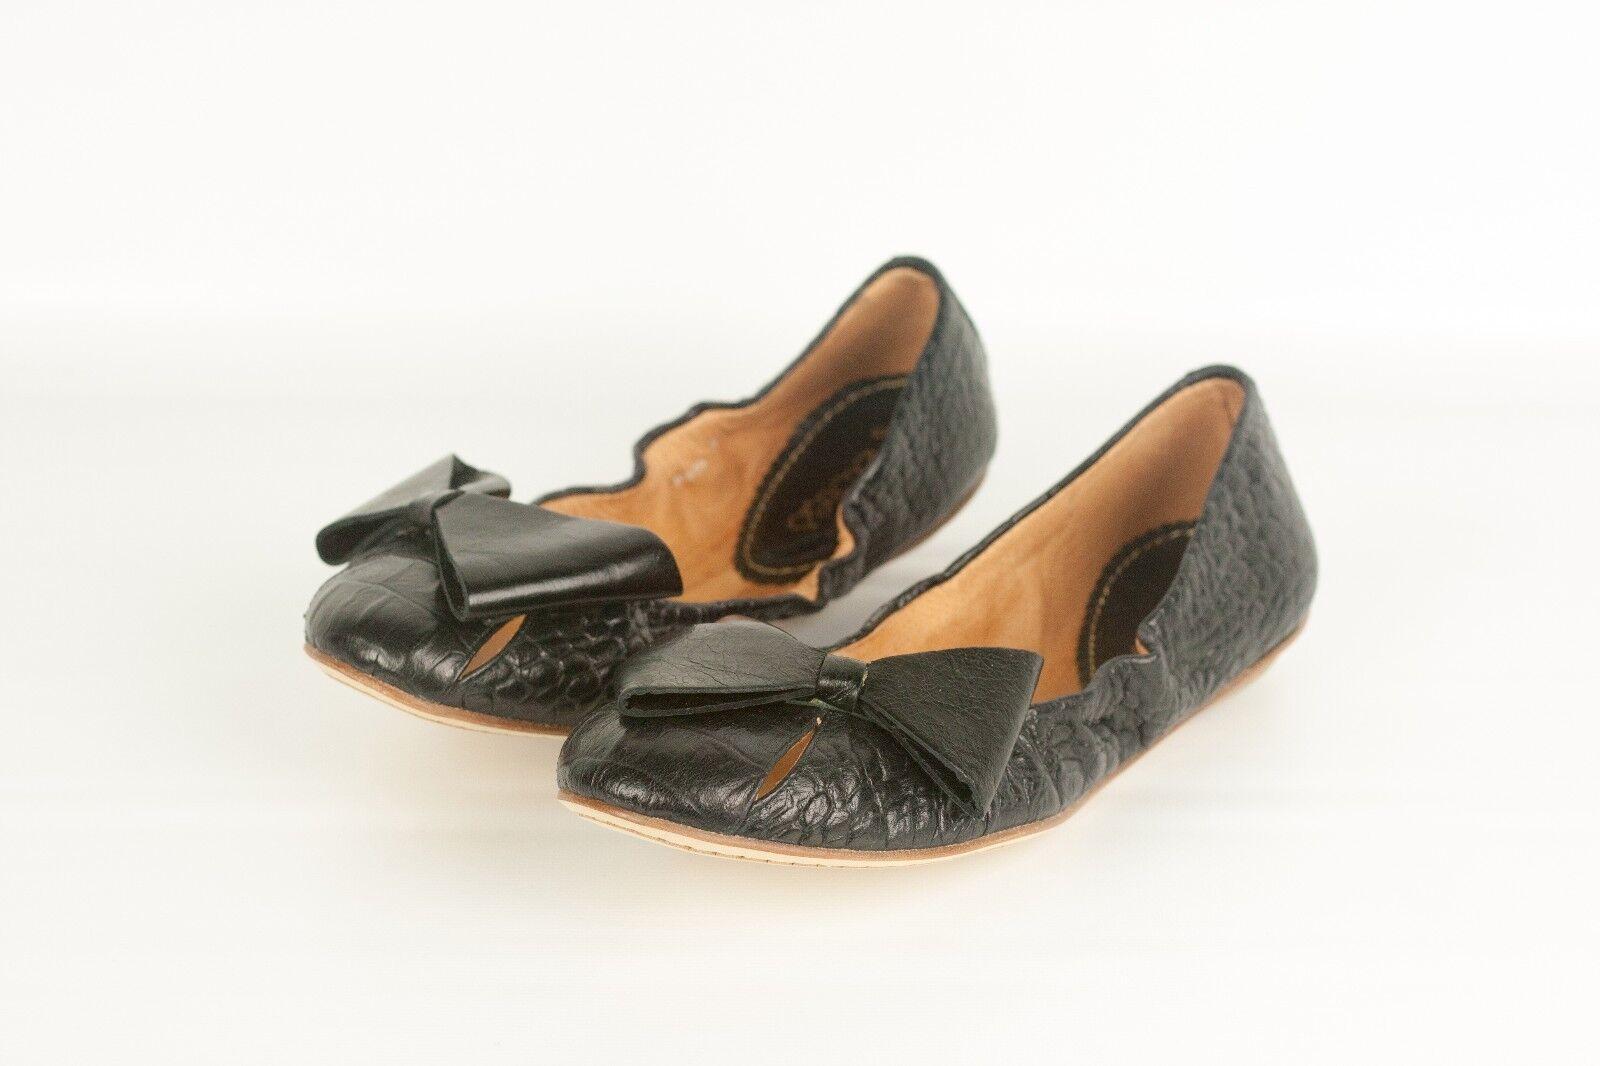 Nuevo Nuevo Nuevo  375 Cuero Negro Cocodrilo Maloles blancohe Ballet Zapatos sin Taco Sin Detalle De Moño Zapatos 7.5  punto de venta en línea